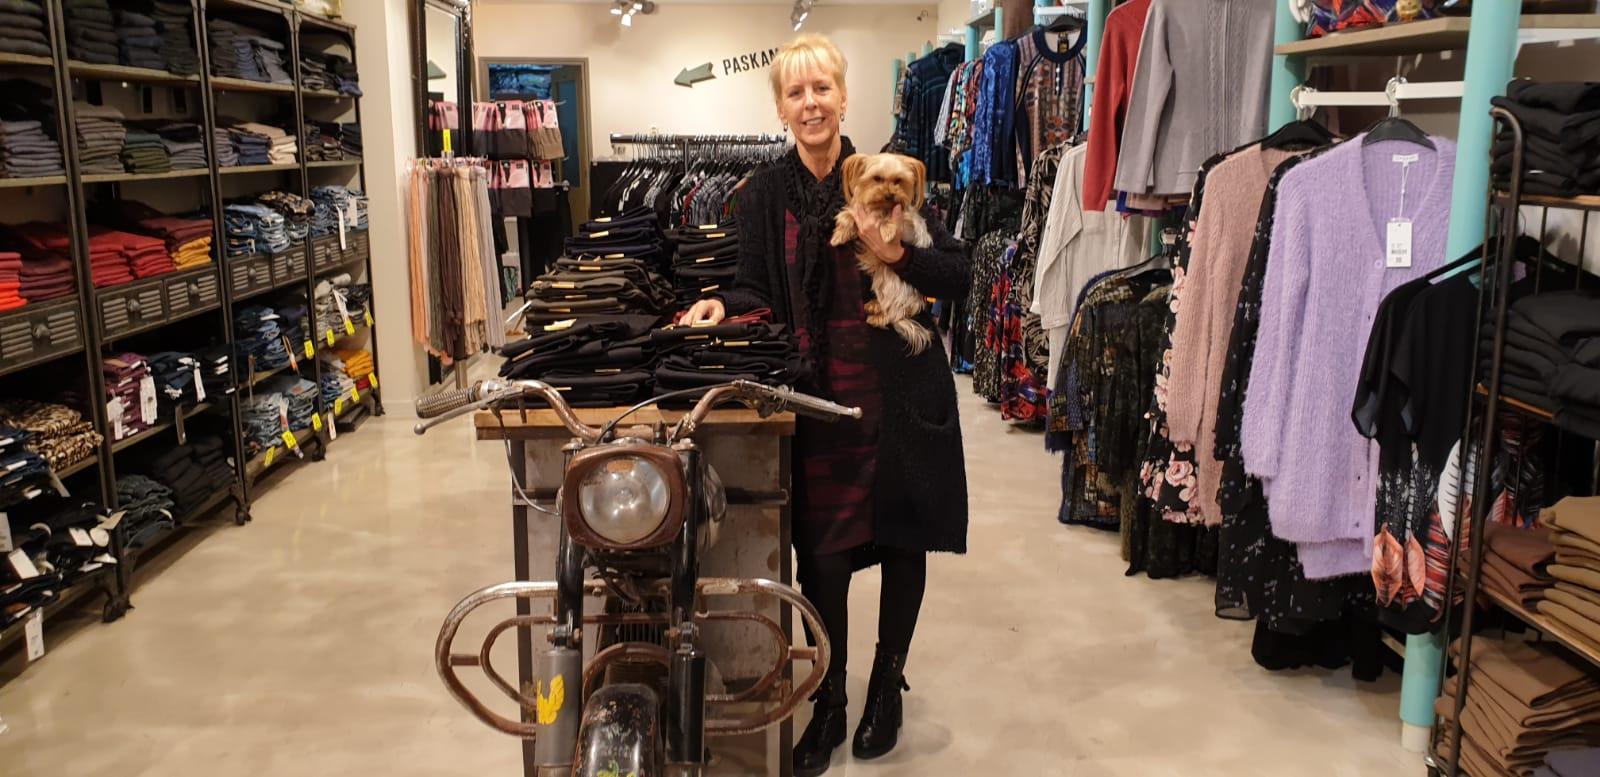 Mariëlle Hekers stopt met pijn in het hart haar modezaak Jellie's Fashion in Enkhuizen : 'Ik weet dat ik een harde tante ben, maar er zijn grenzen. Mijn lijf wil niet meer'